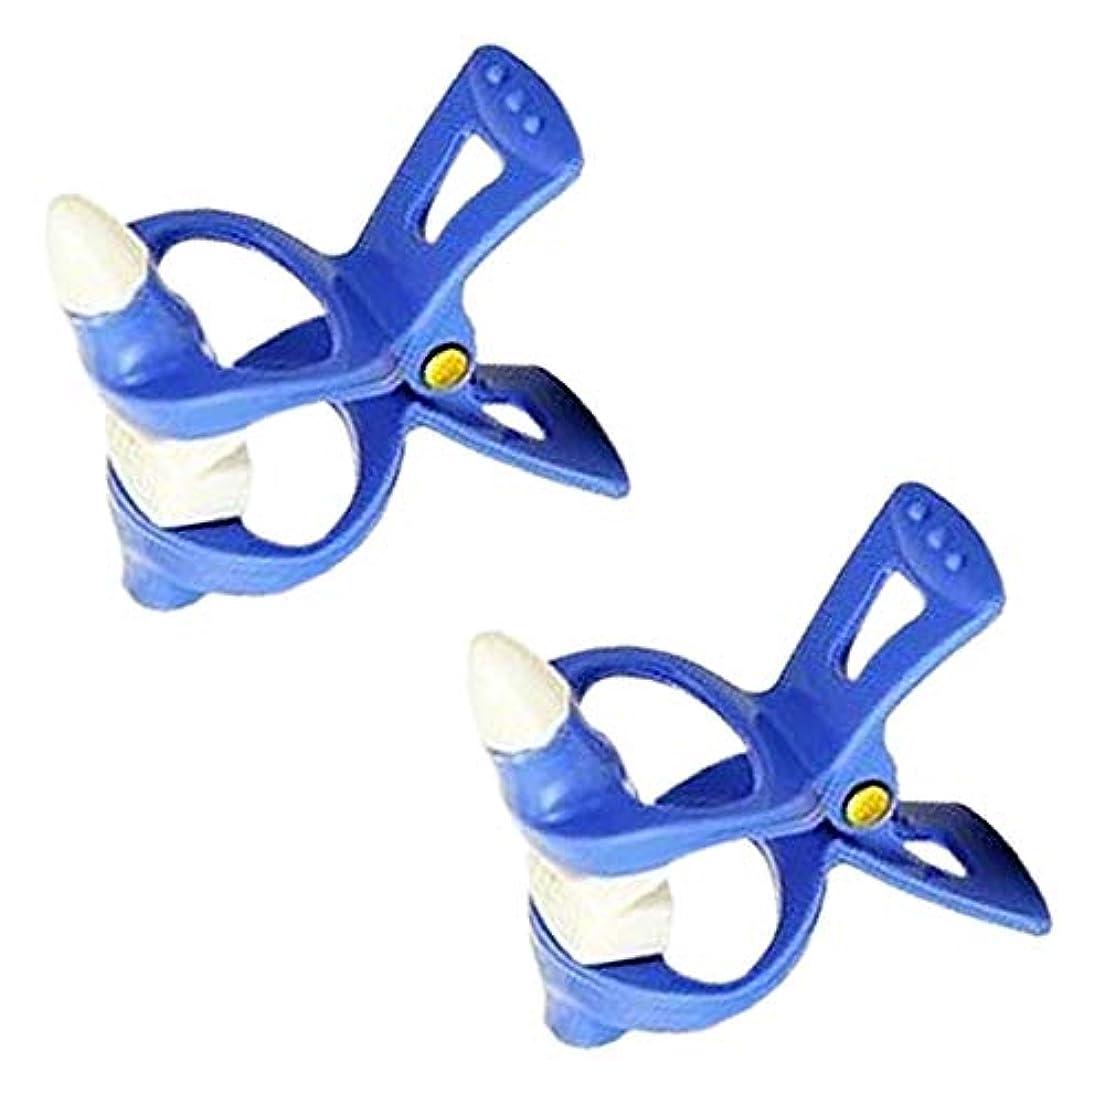 干渉ピニオンアイスクリーム1stモール 2個セット 美鼻 ノーズ アップ 鼻 矯 リフトアップ 横顔 横顔 鼻先 男女 兼用 ST-HANATAKA